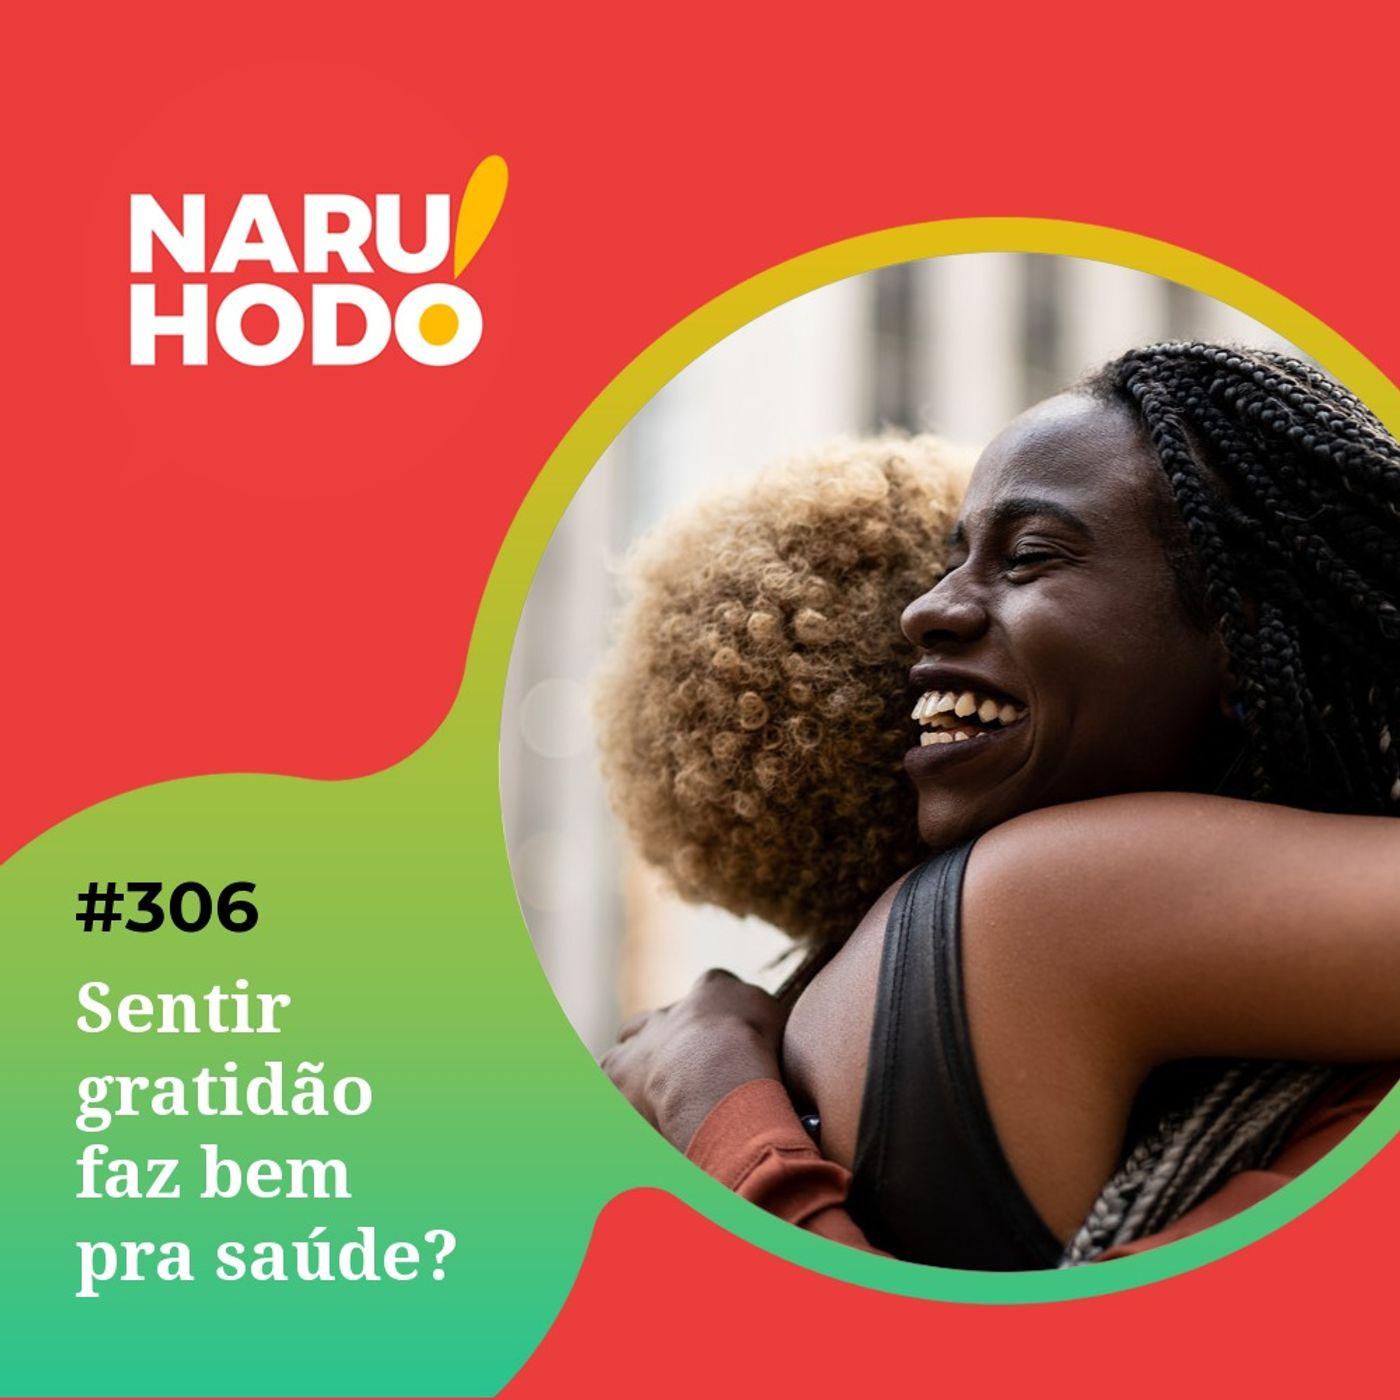 Naruhodo #306 - Sentir gratidão faz bem pra saúde?